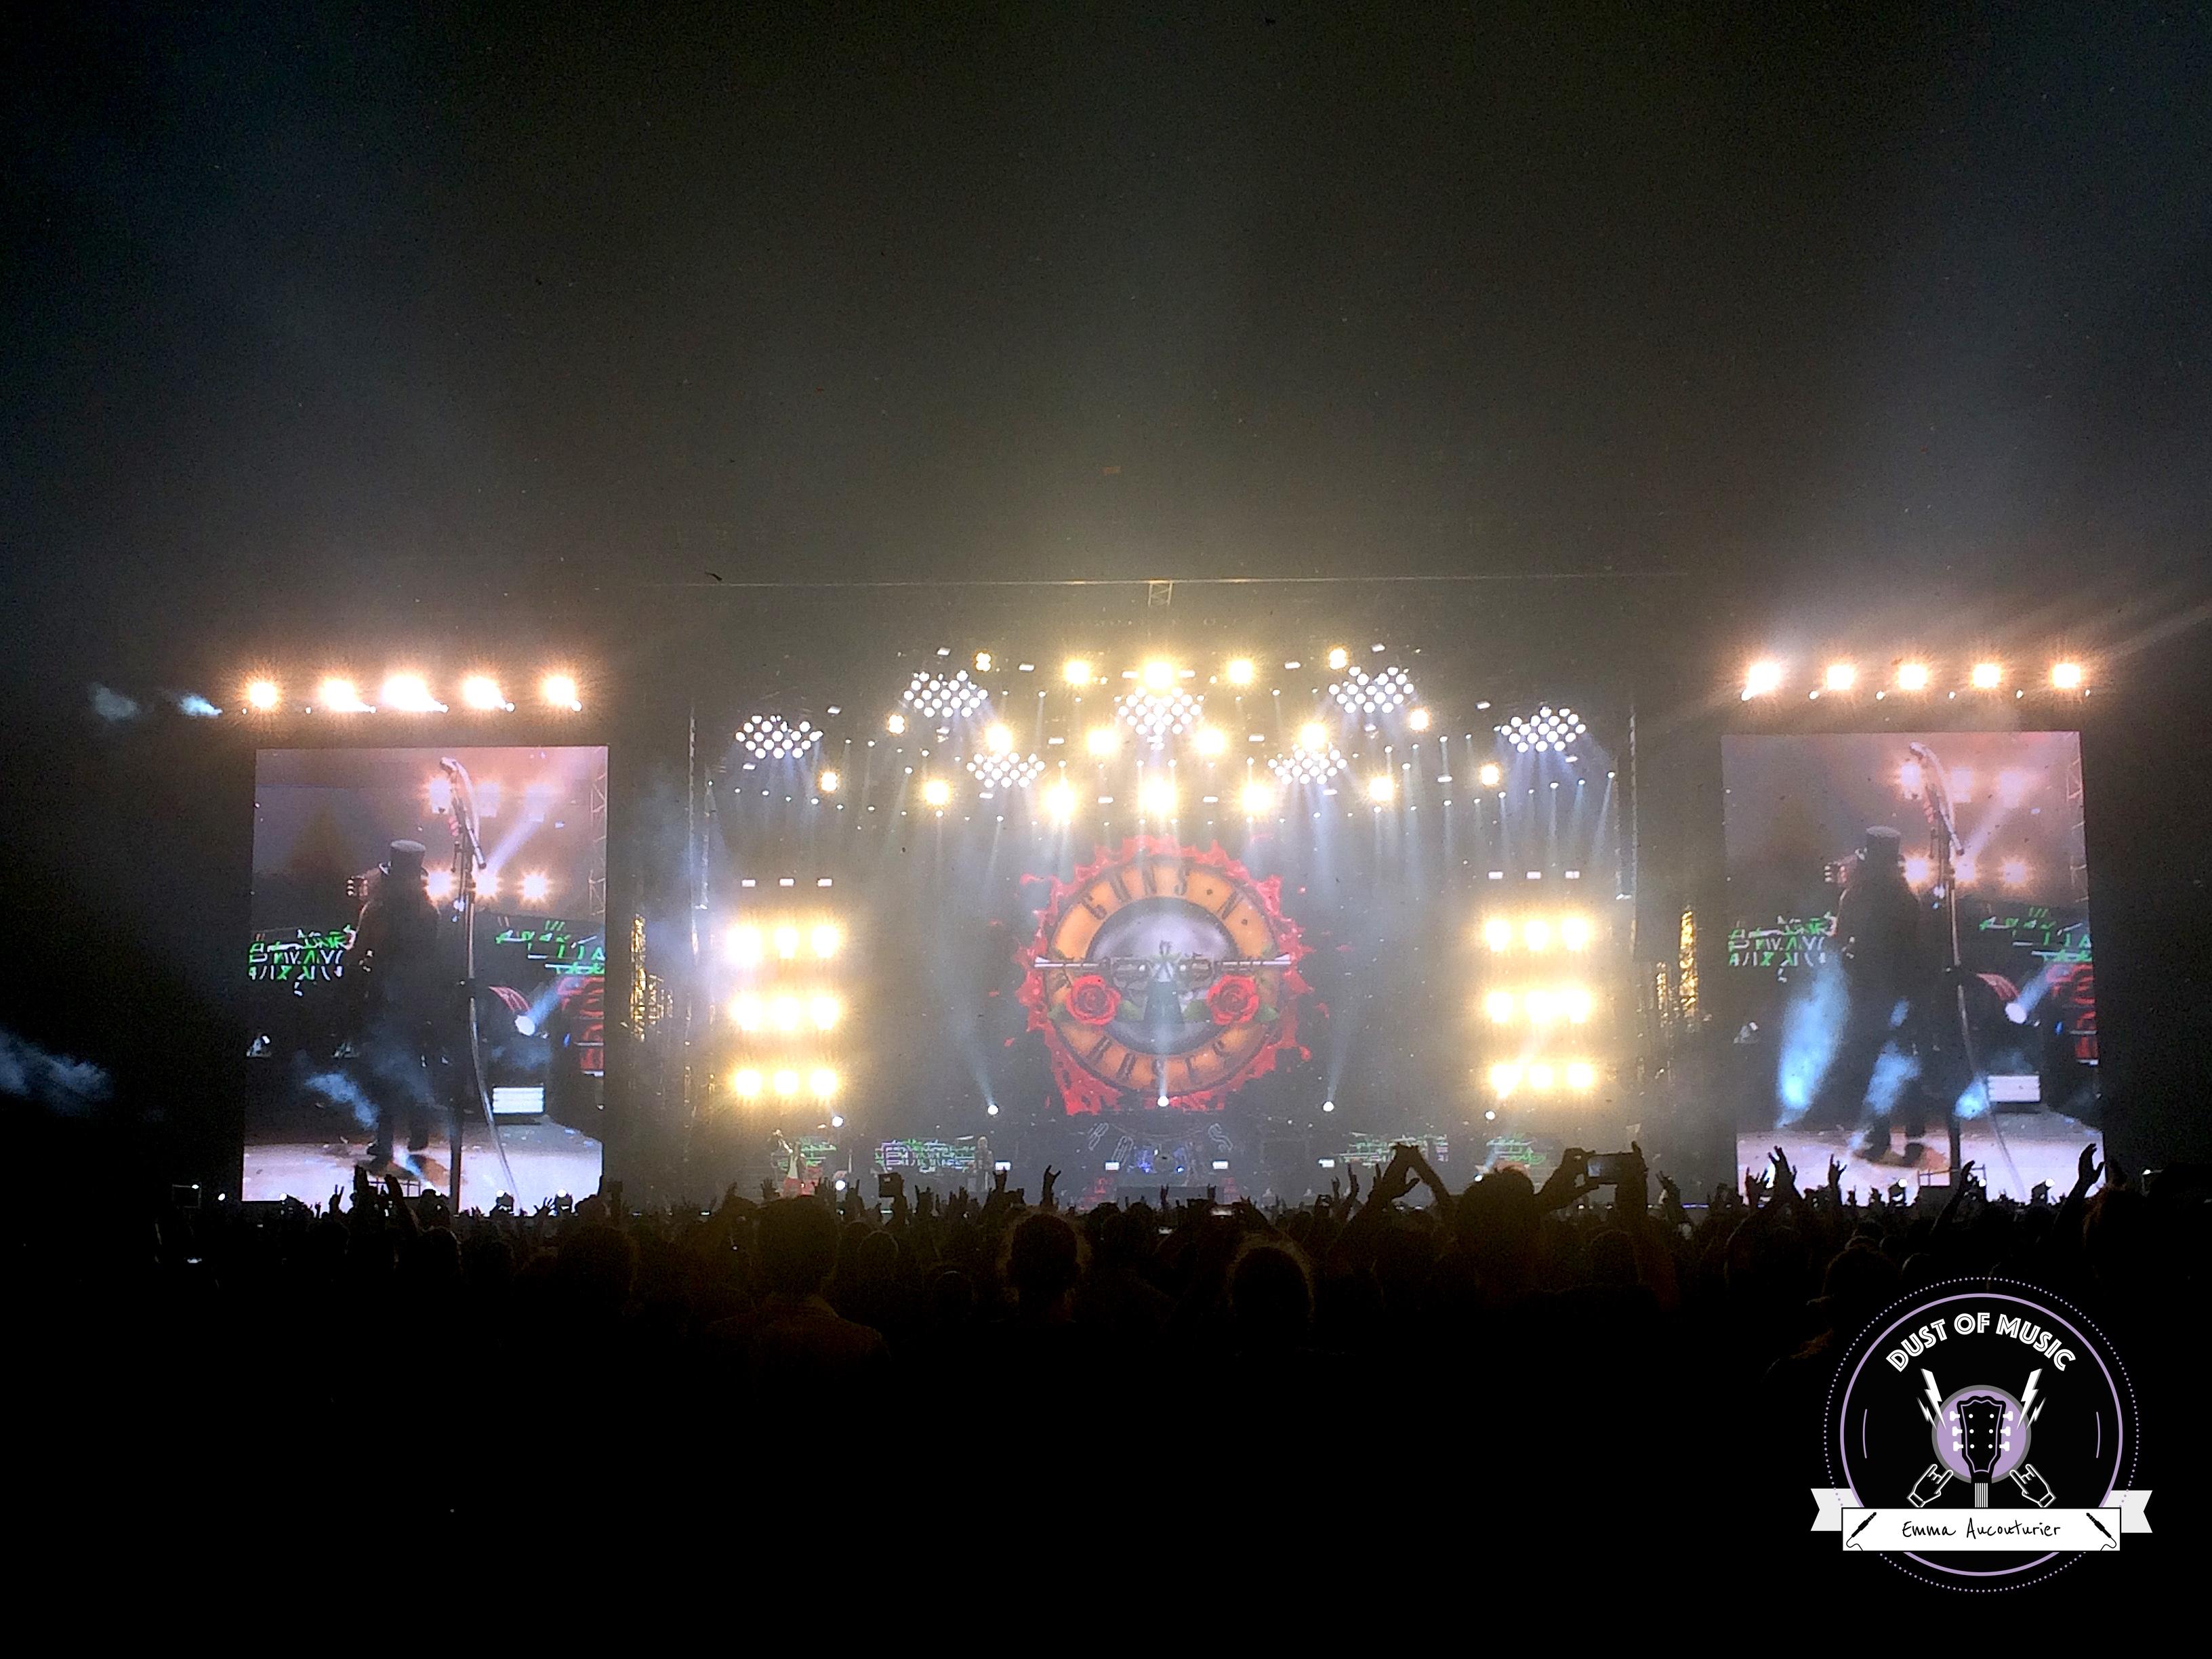 Les Guns N' Roses au Stade de France : un show exceptionnel.5 min de lecture